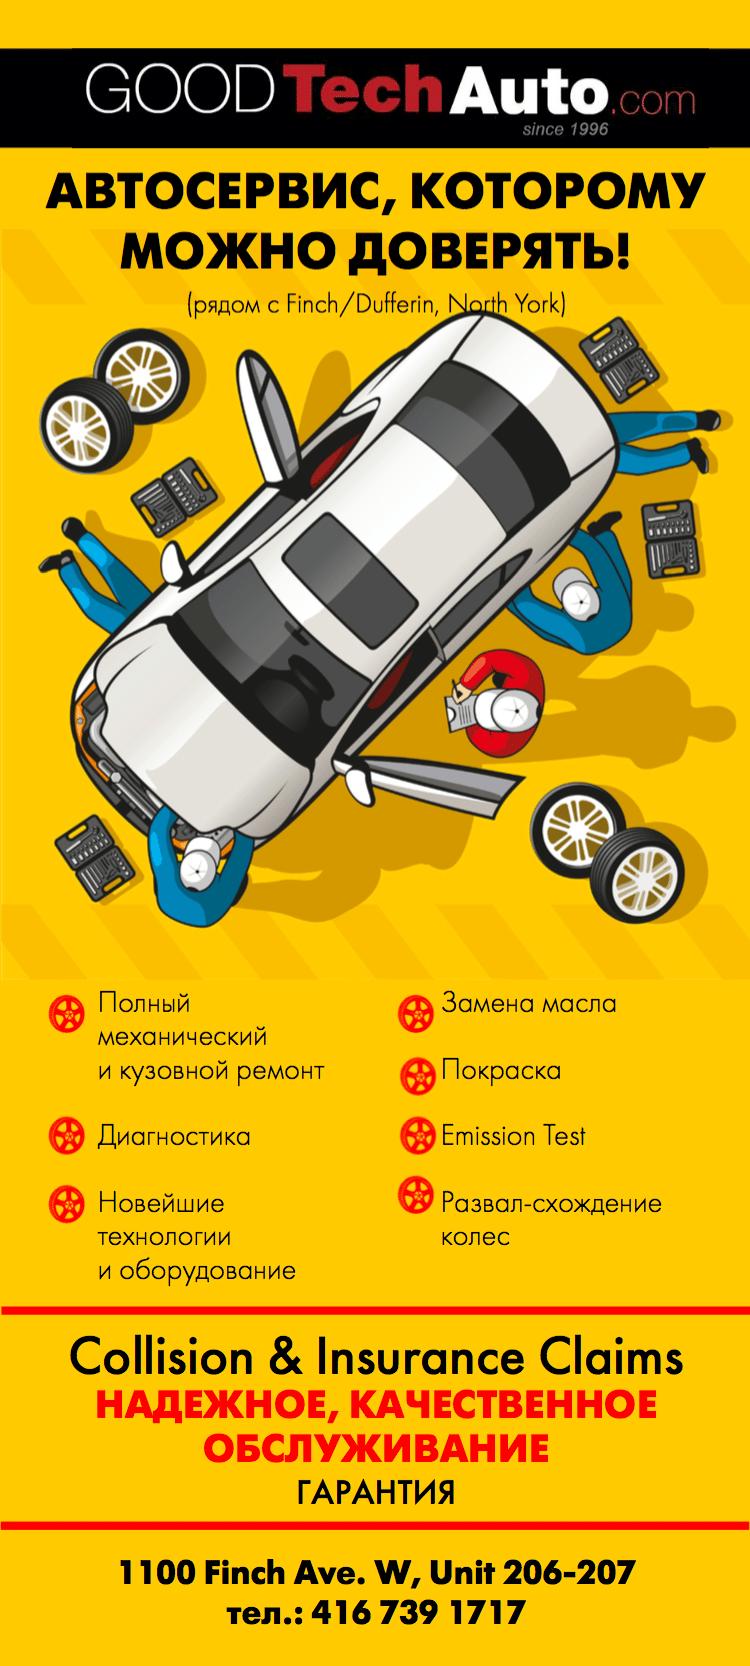 Лучший автоцентр в Торонто